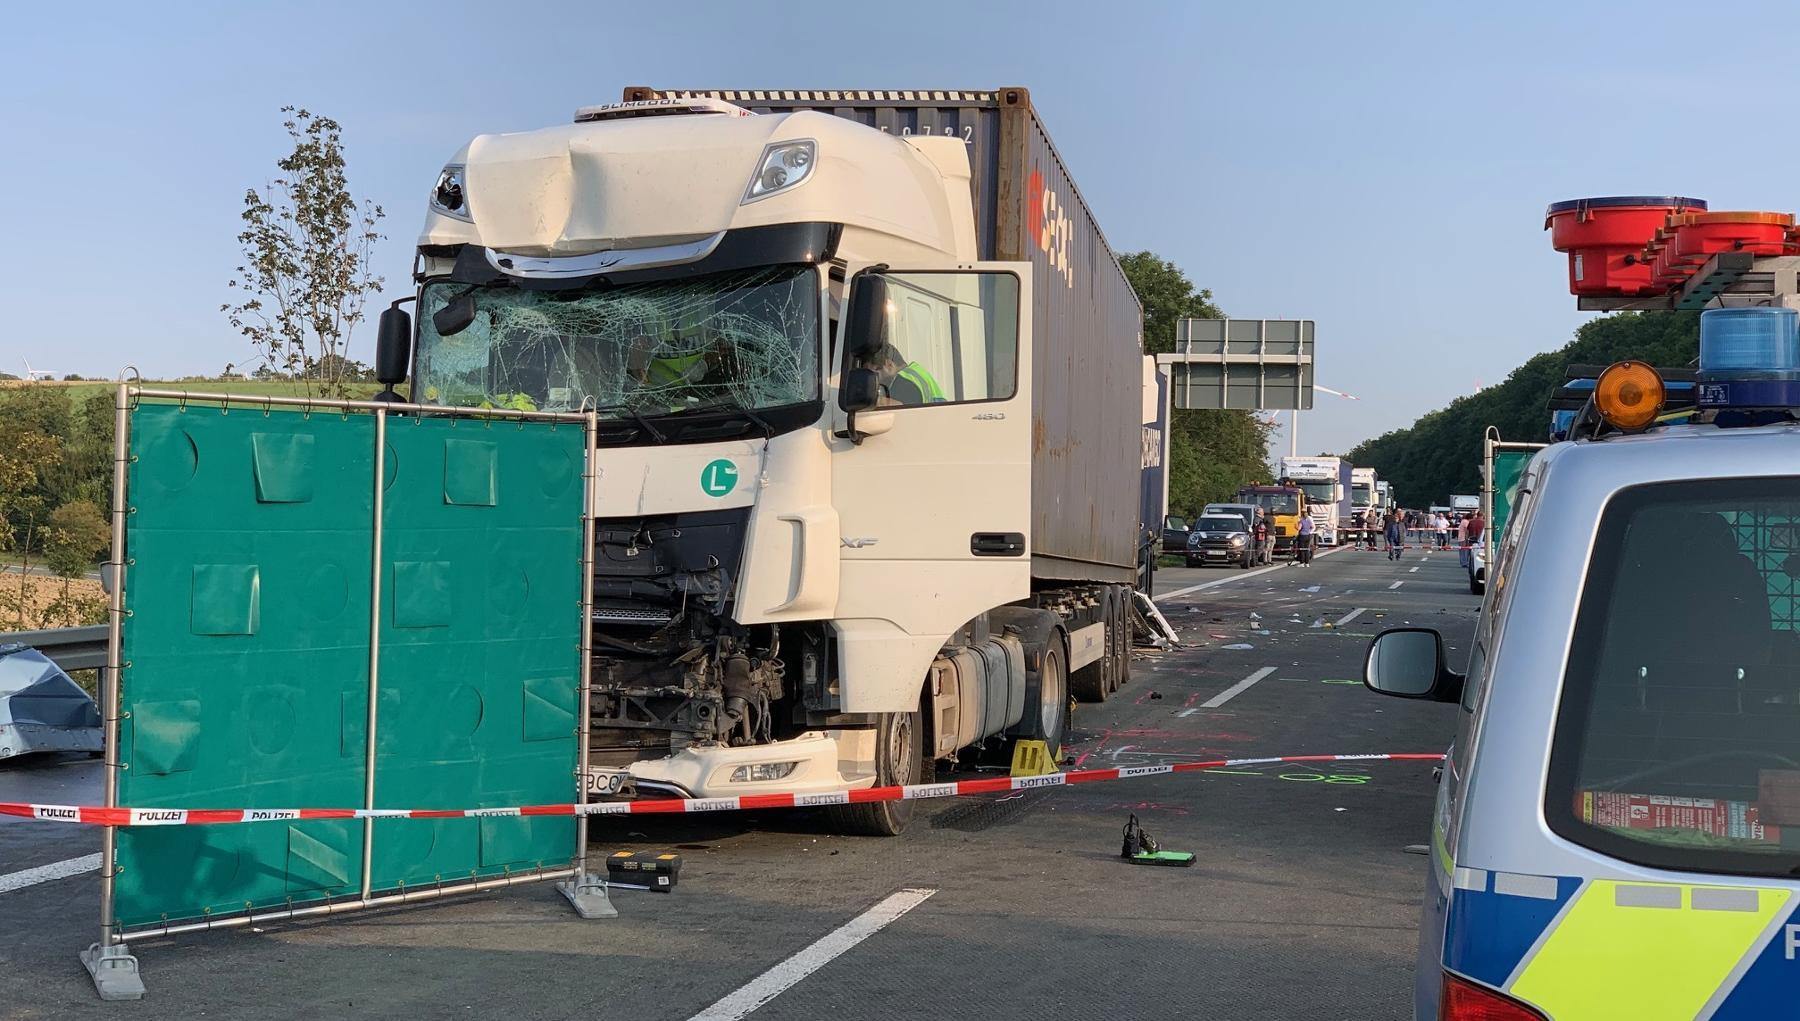 Patru români şi-au pierdut viaţa în Germania. Mașina în care se aflau a fost strivită între două TIR-uri - FOTO